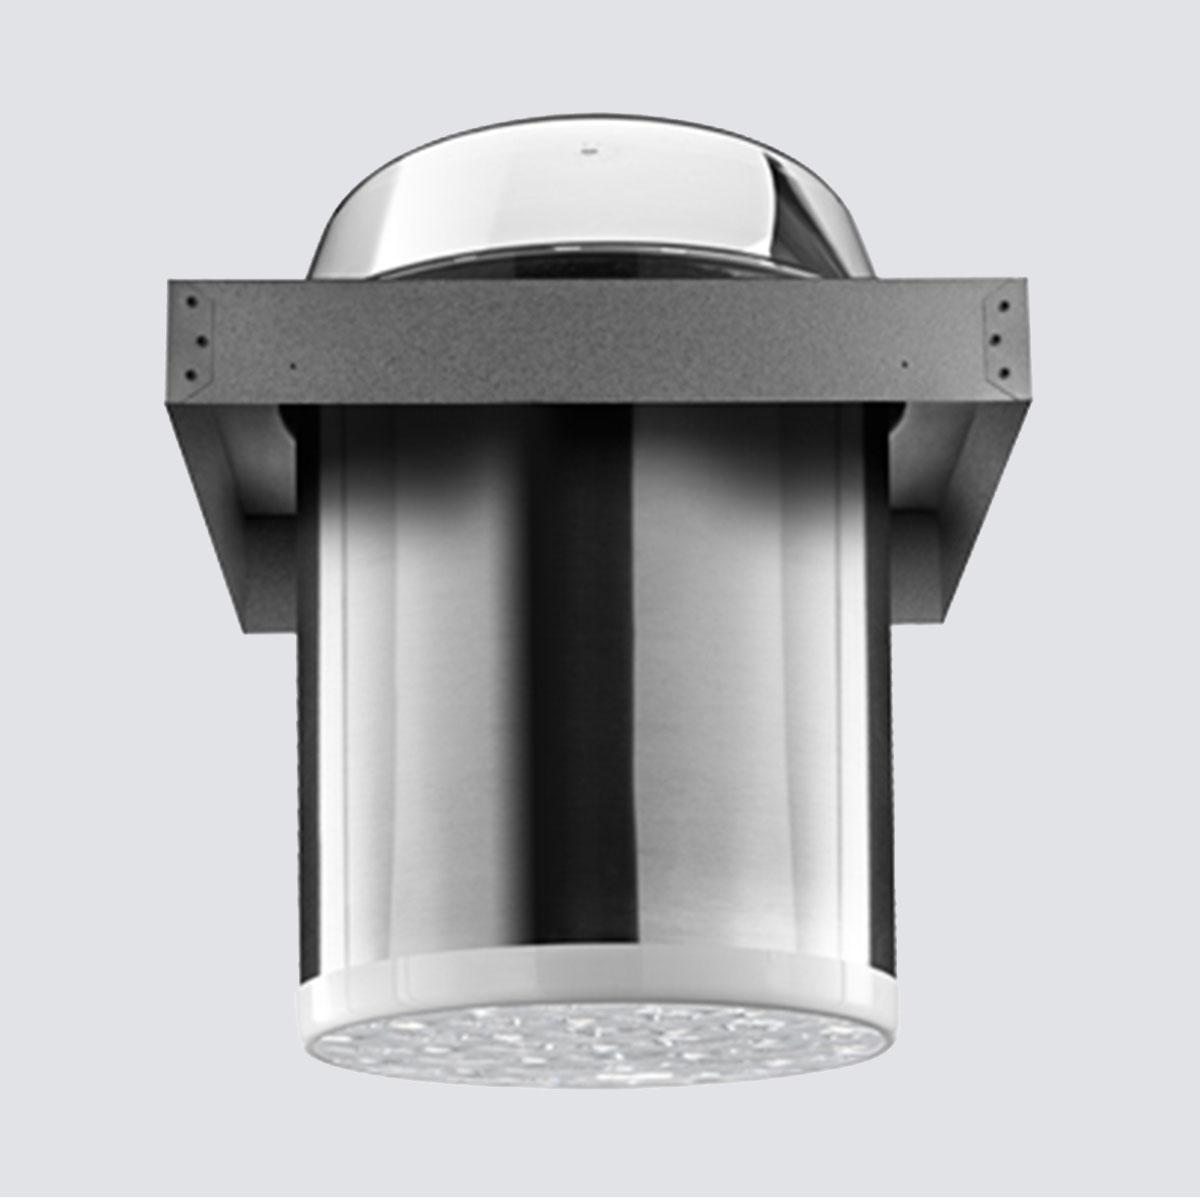 Svetlvody SolaMaster 330DS Otvoreny Strop